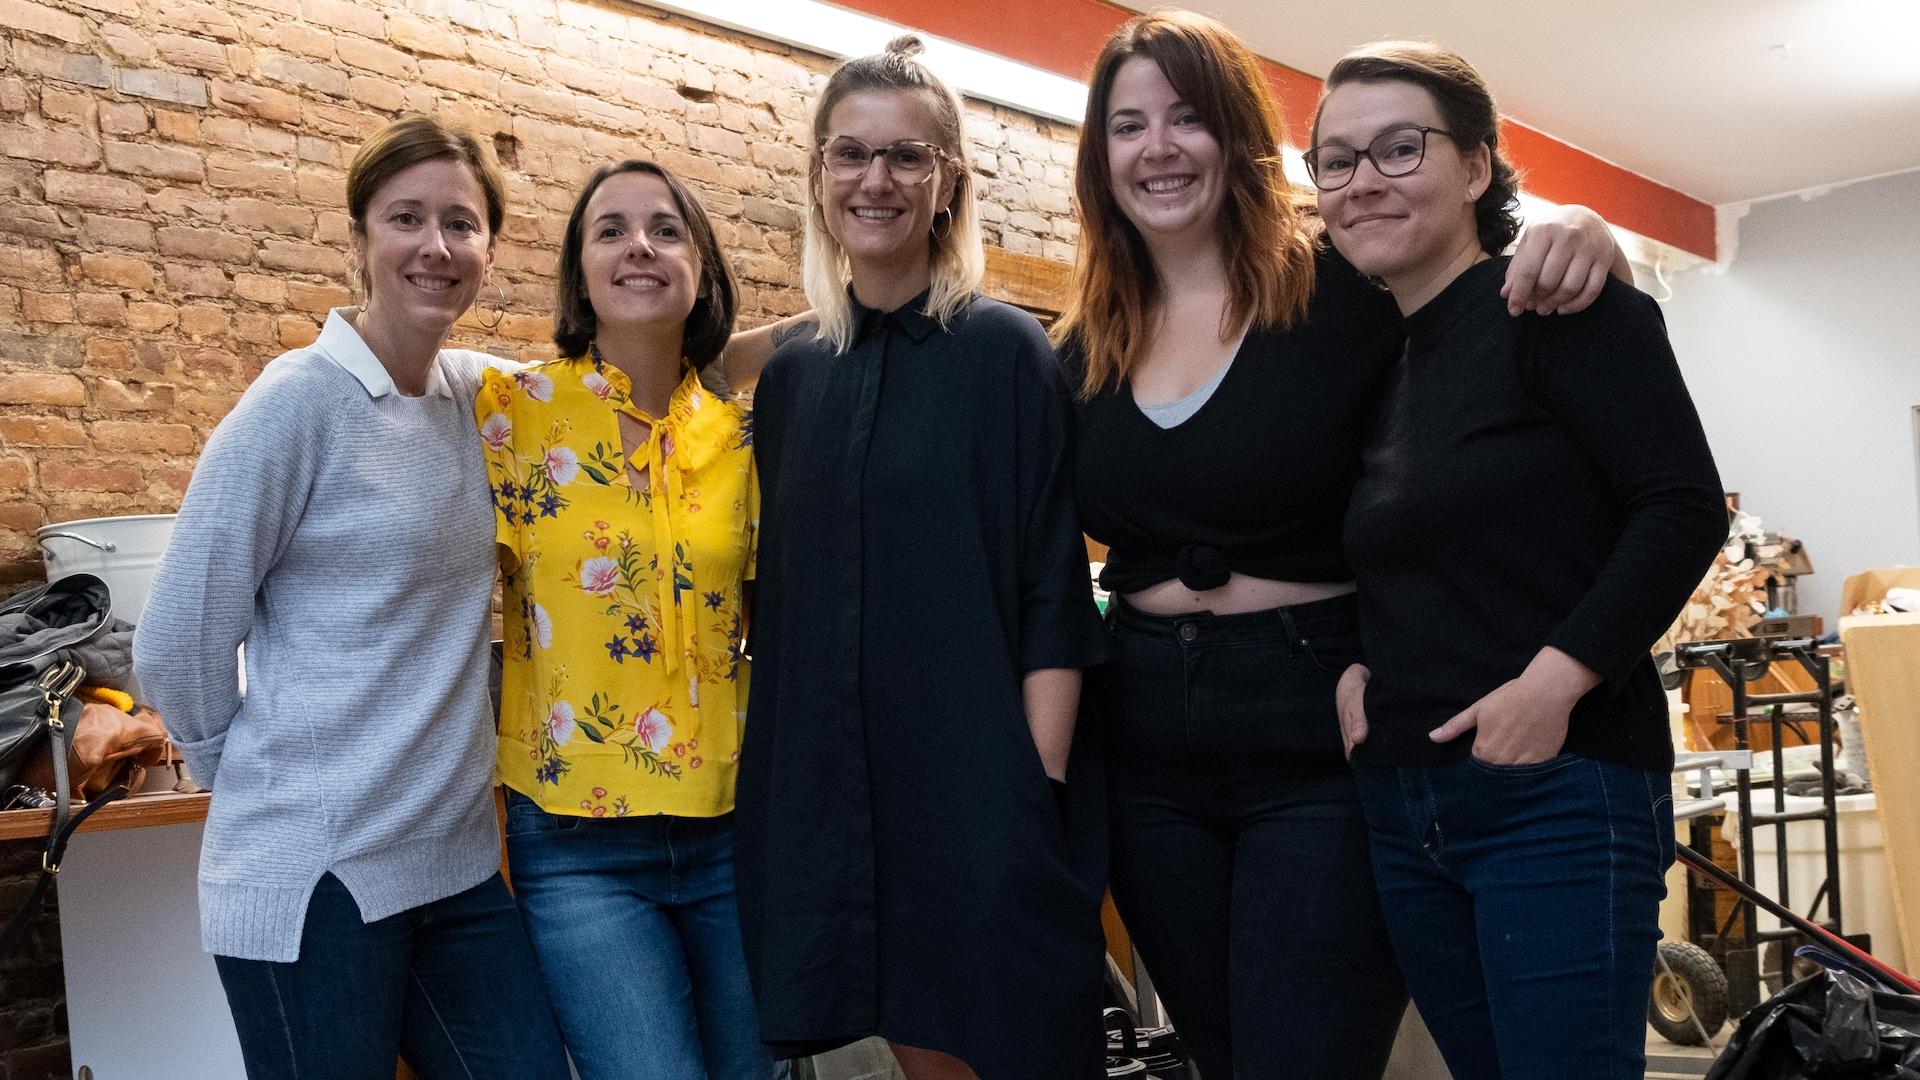 Cinq femmes une à côté de l'autre dans un restaurant